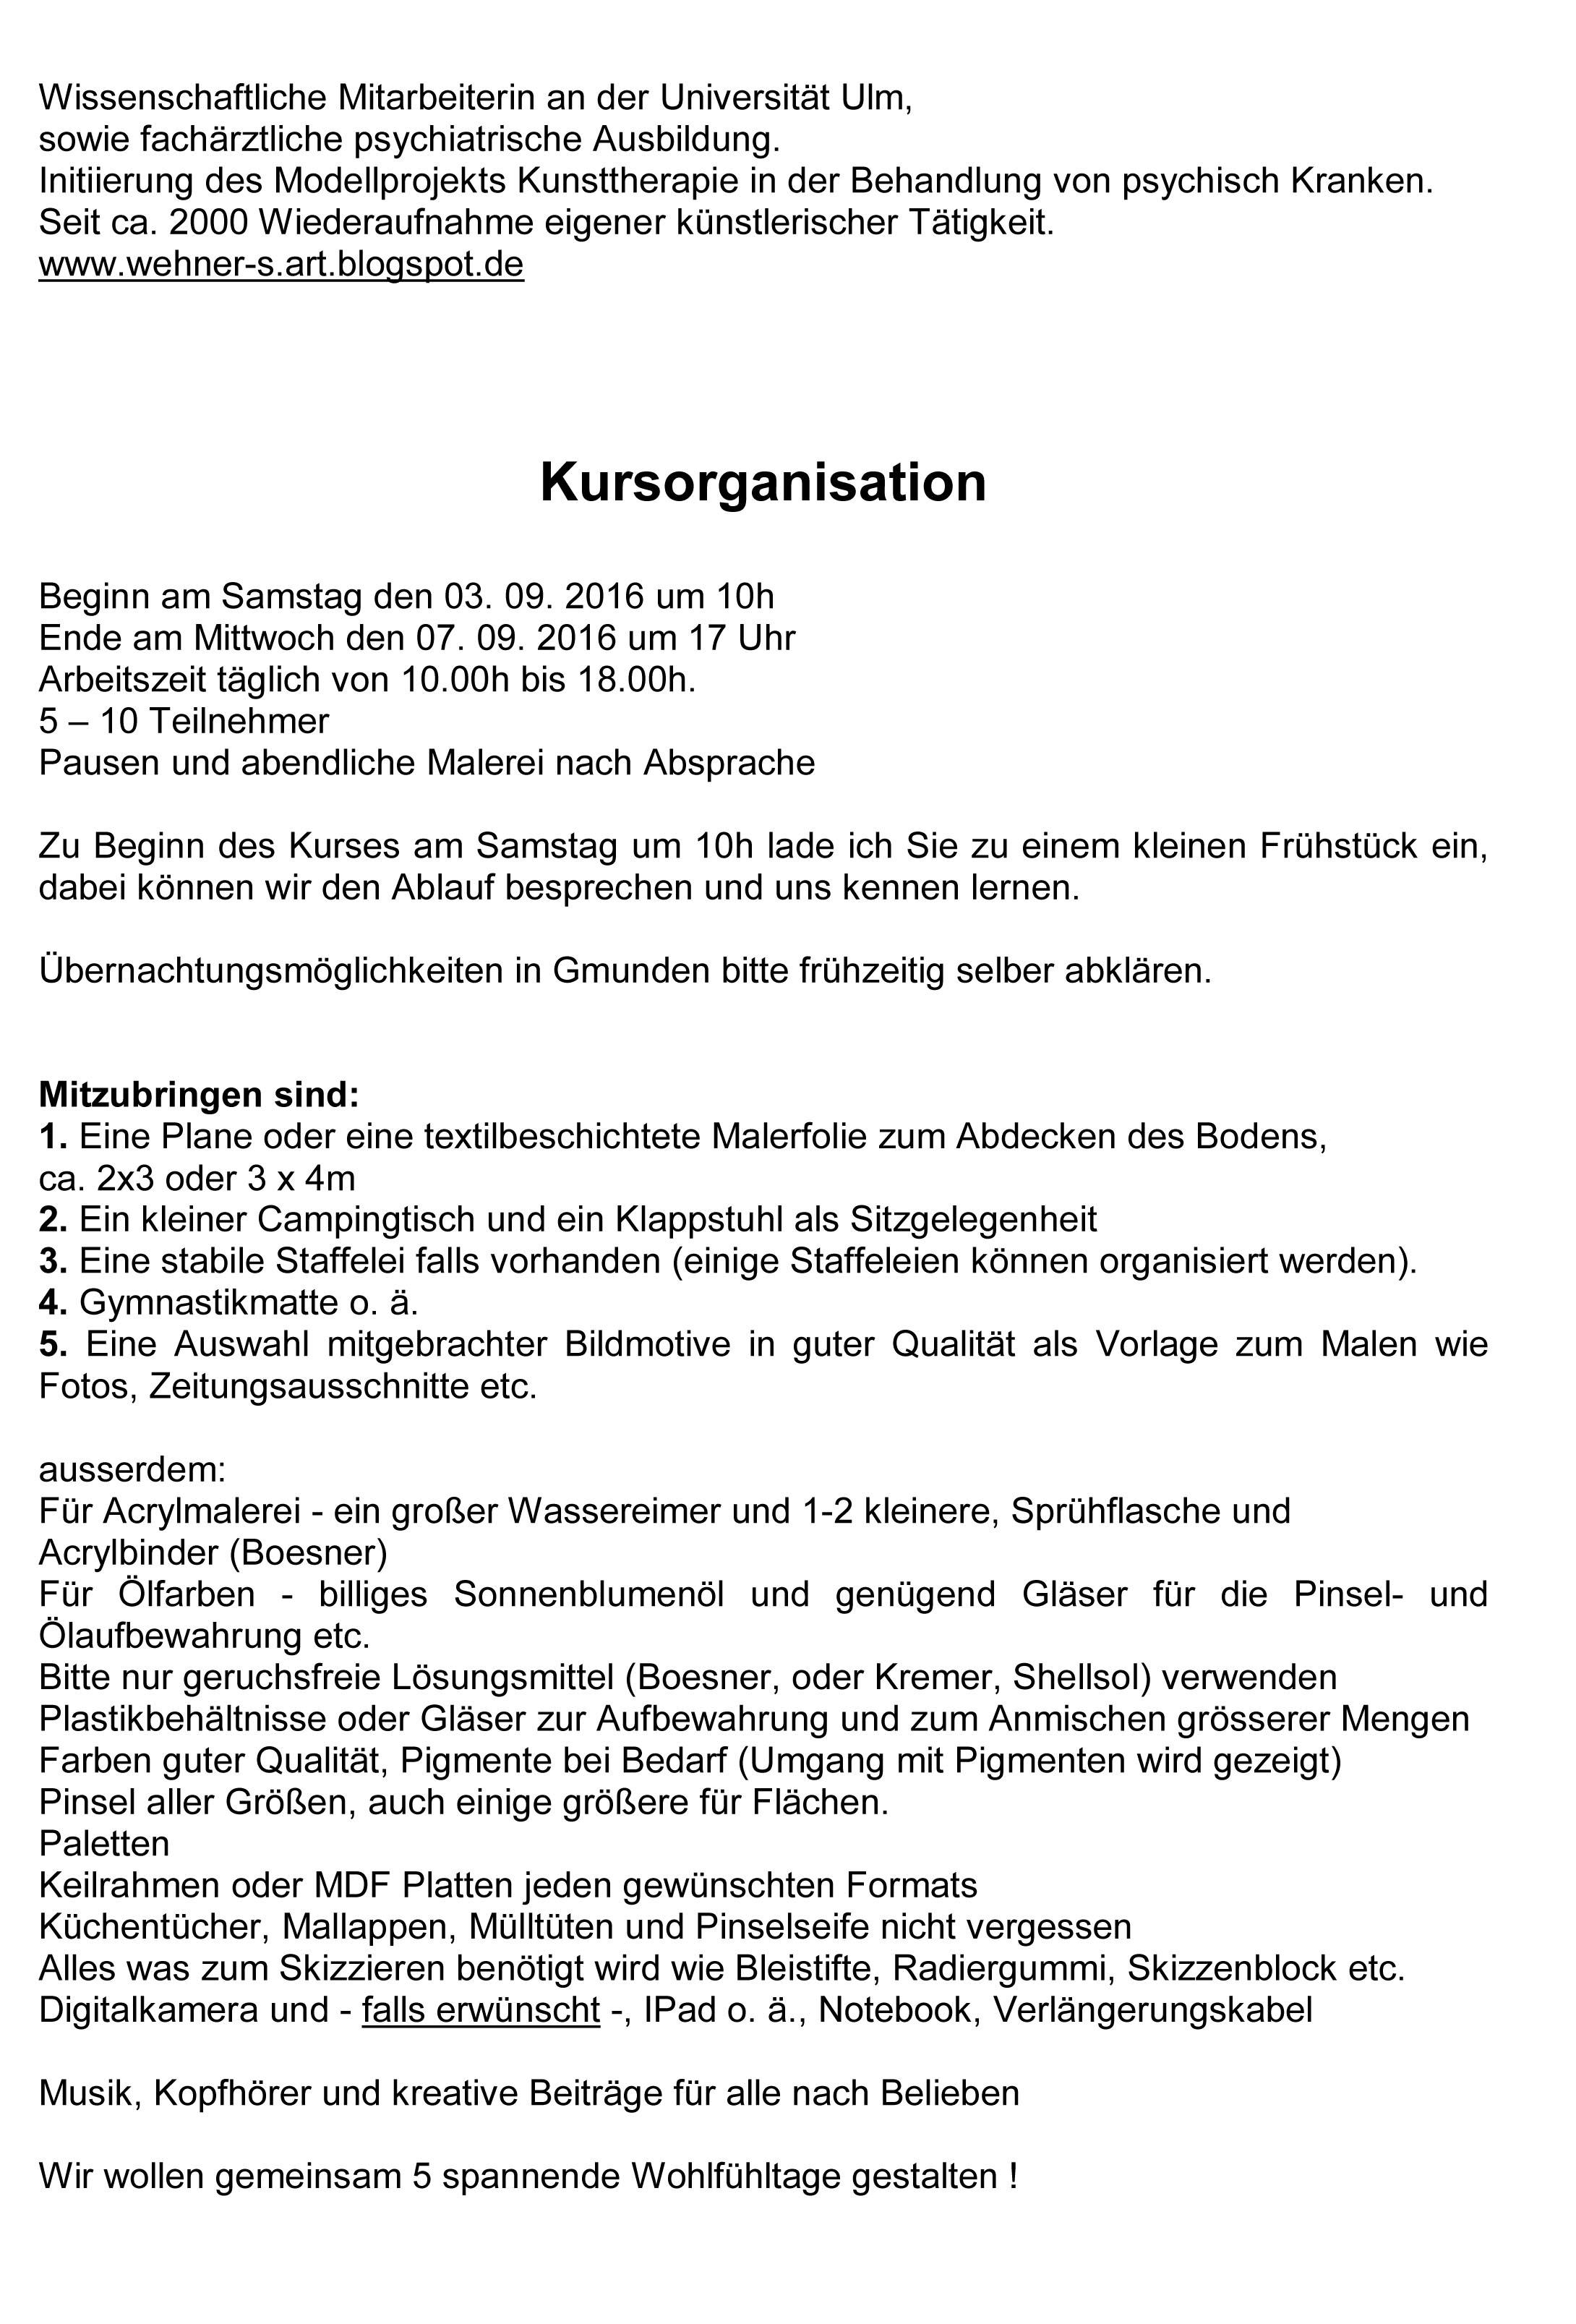 Fein Zeitungsausschnitt Vorlage Galerie - Ideen fortsetzen ...